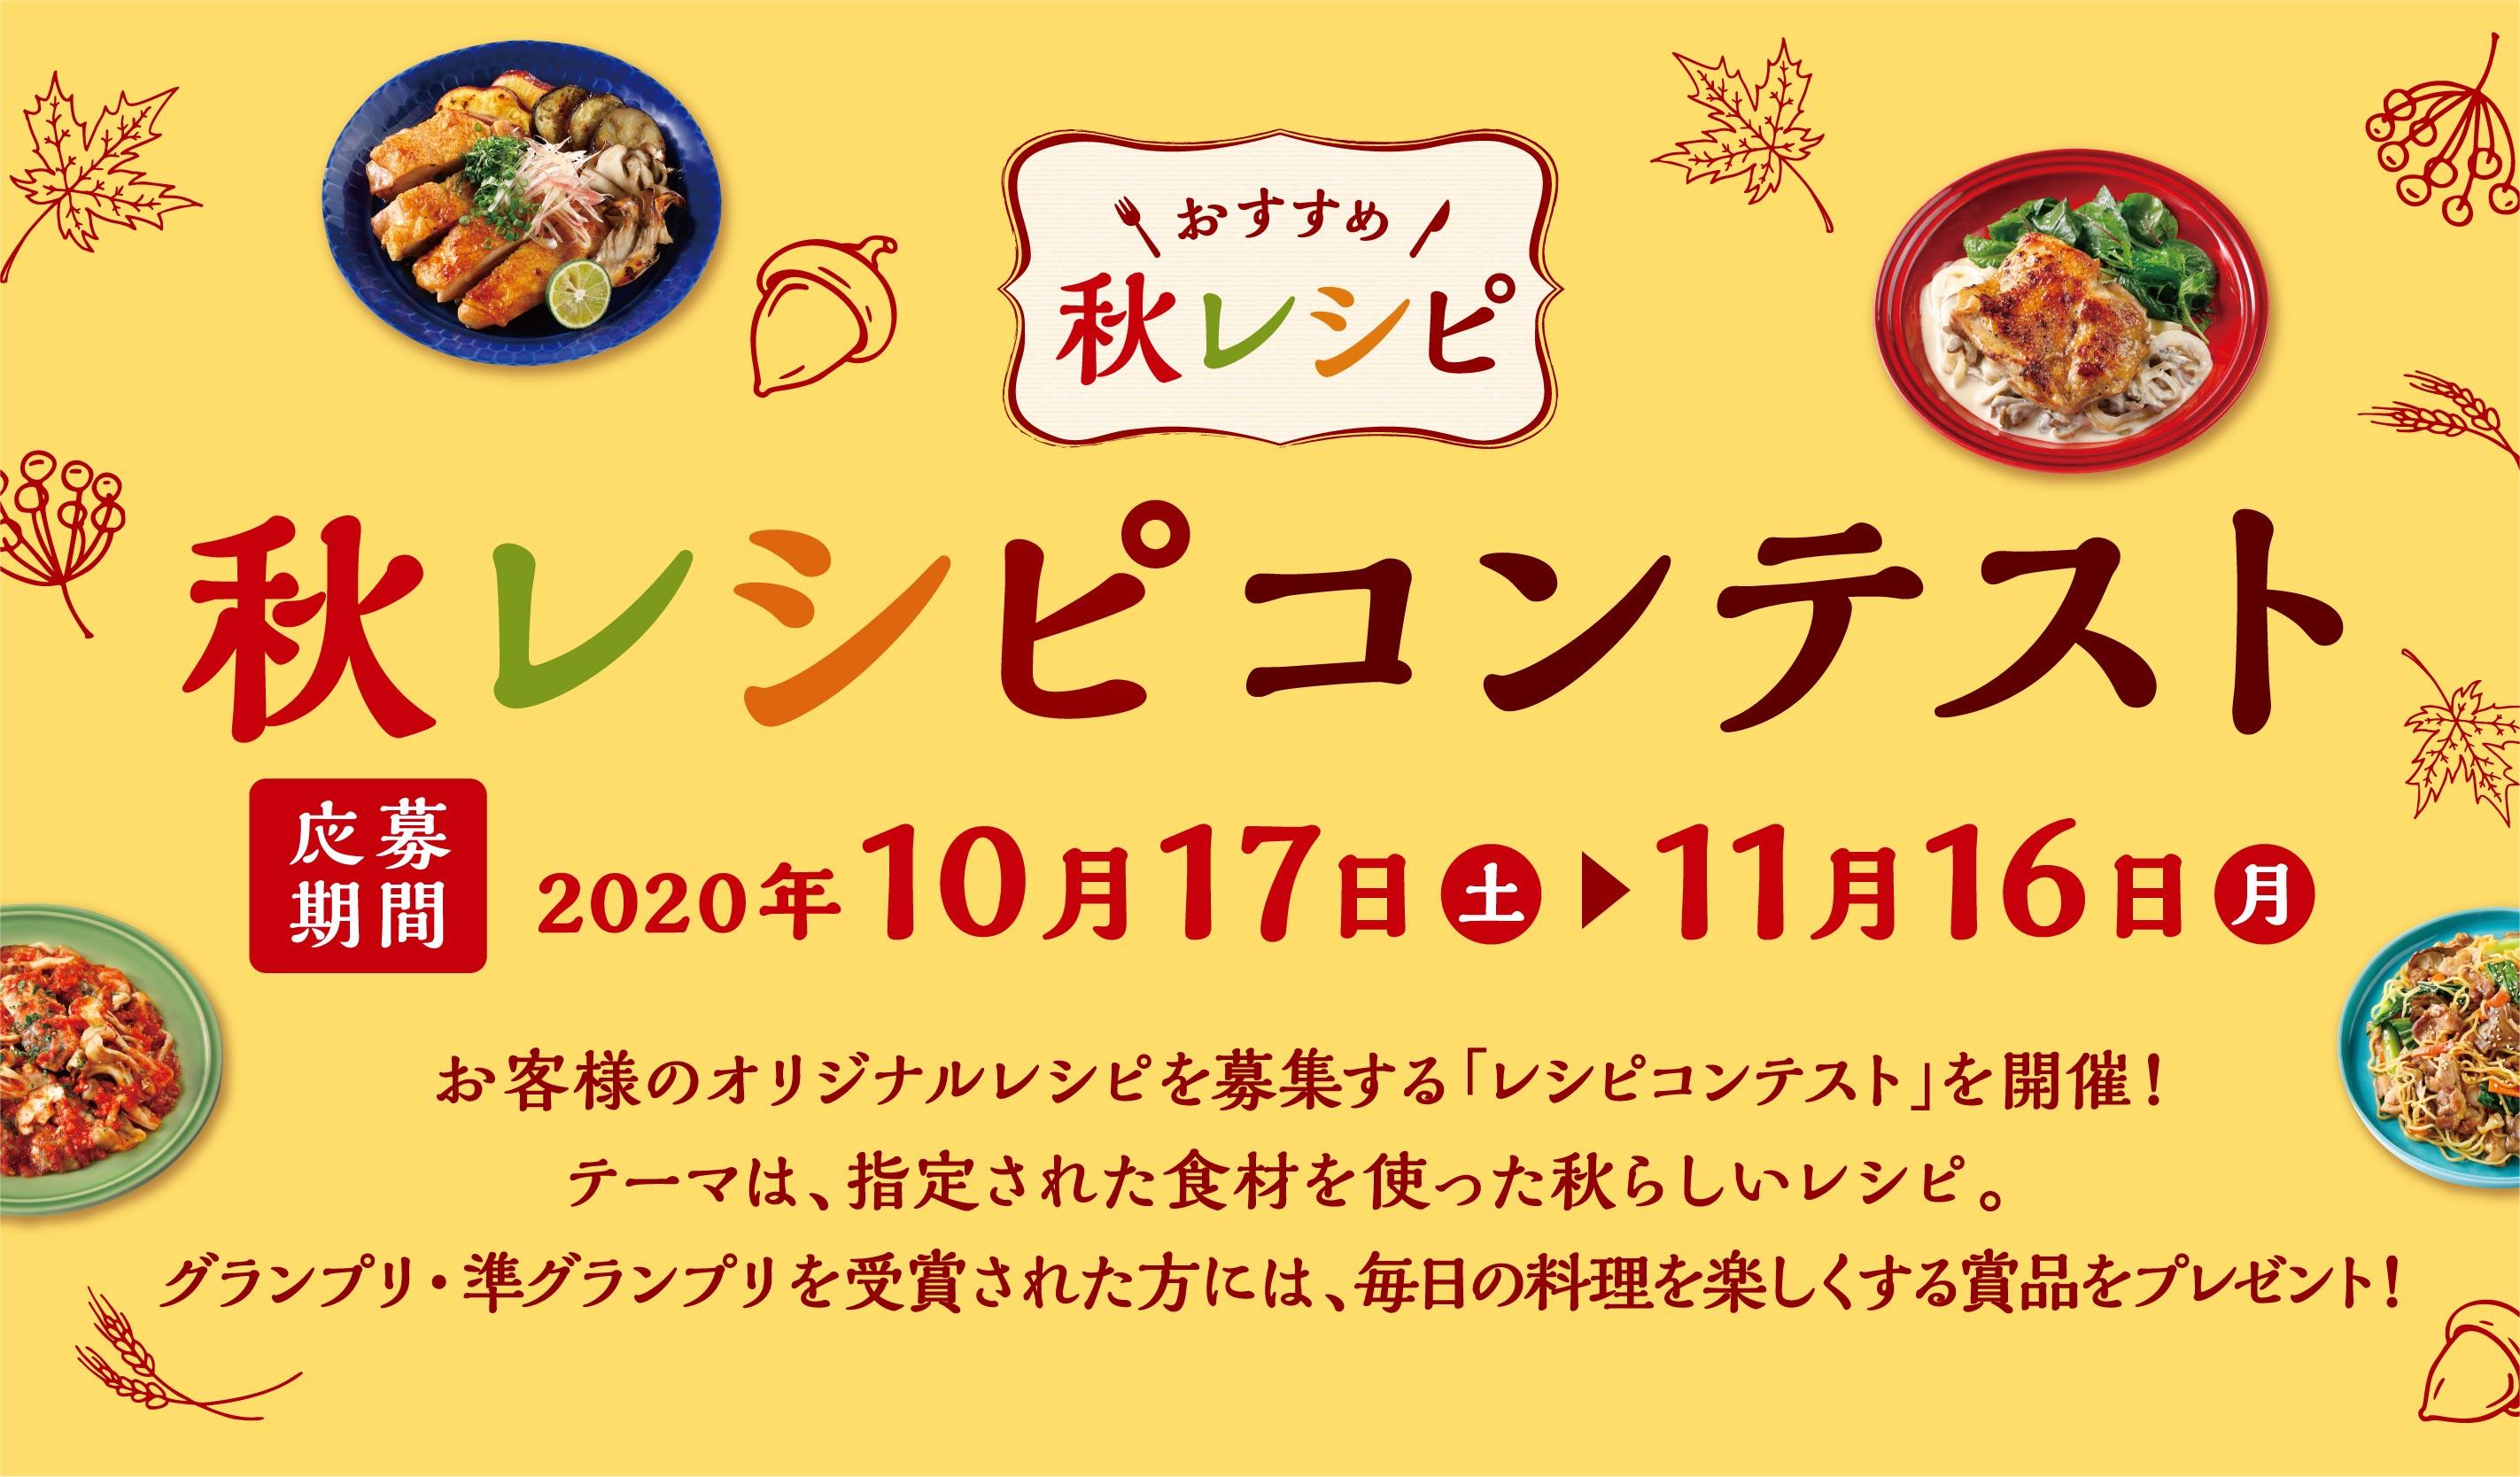 美味しい秋レシピ 秋に食べたいレシピコンテスト|サミットストア